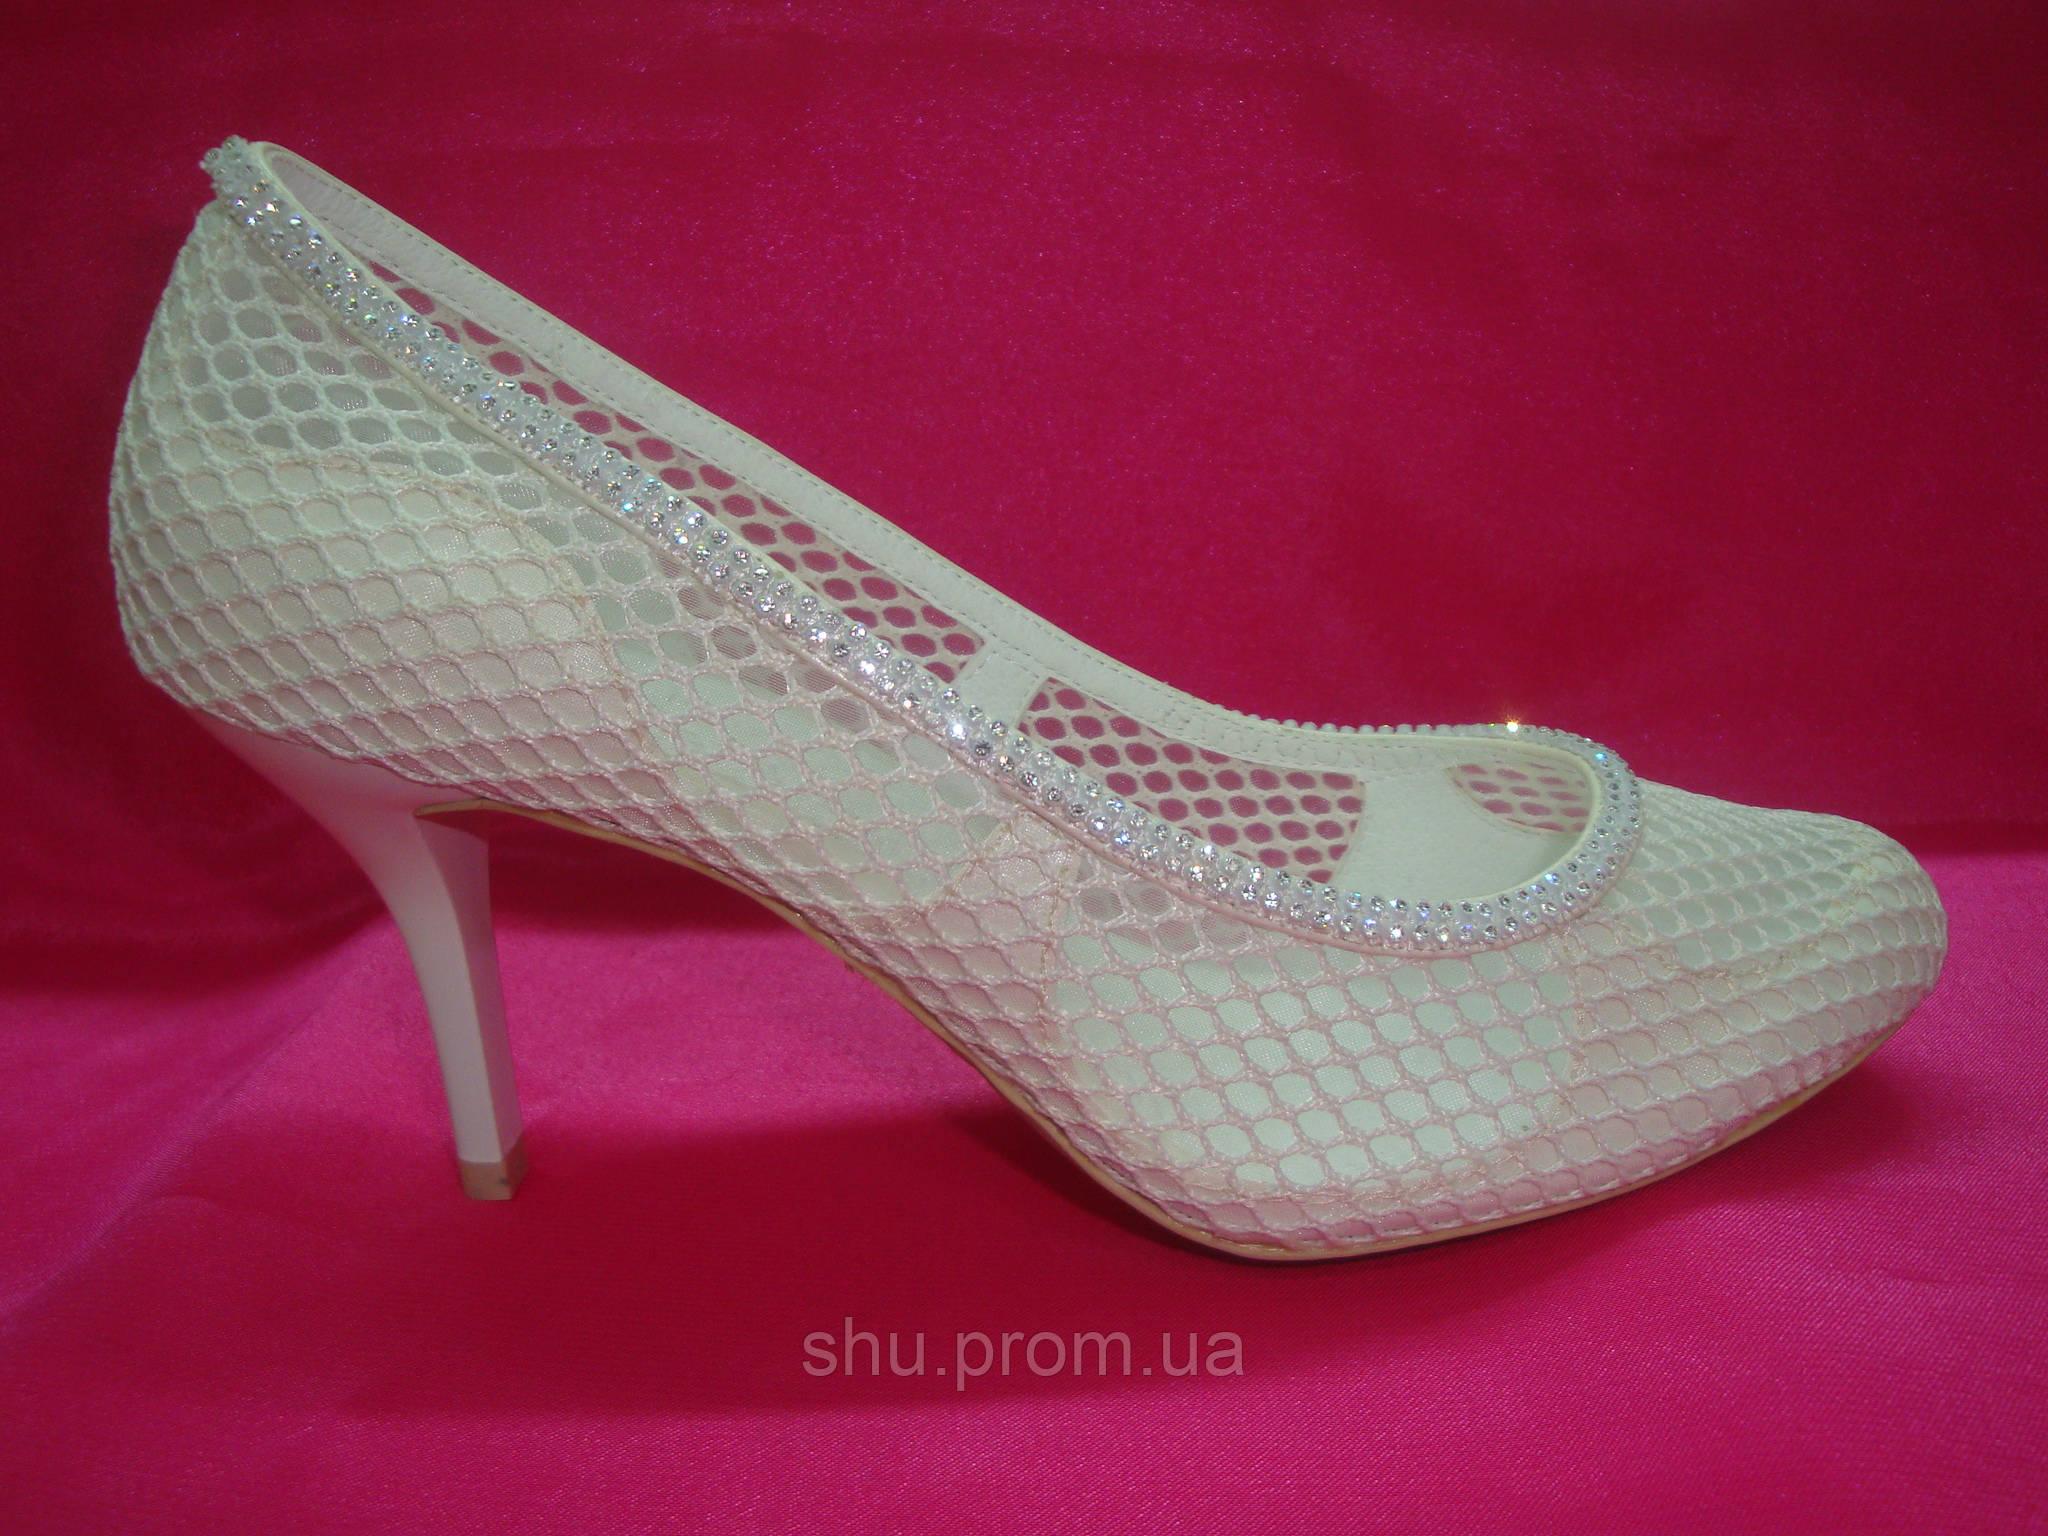 67b09dd86159 Свадебные летнии туфли айвори сеточка - Интернет магазин «Шузы для невесты»  в Киеве